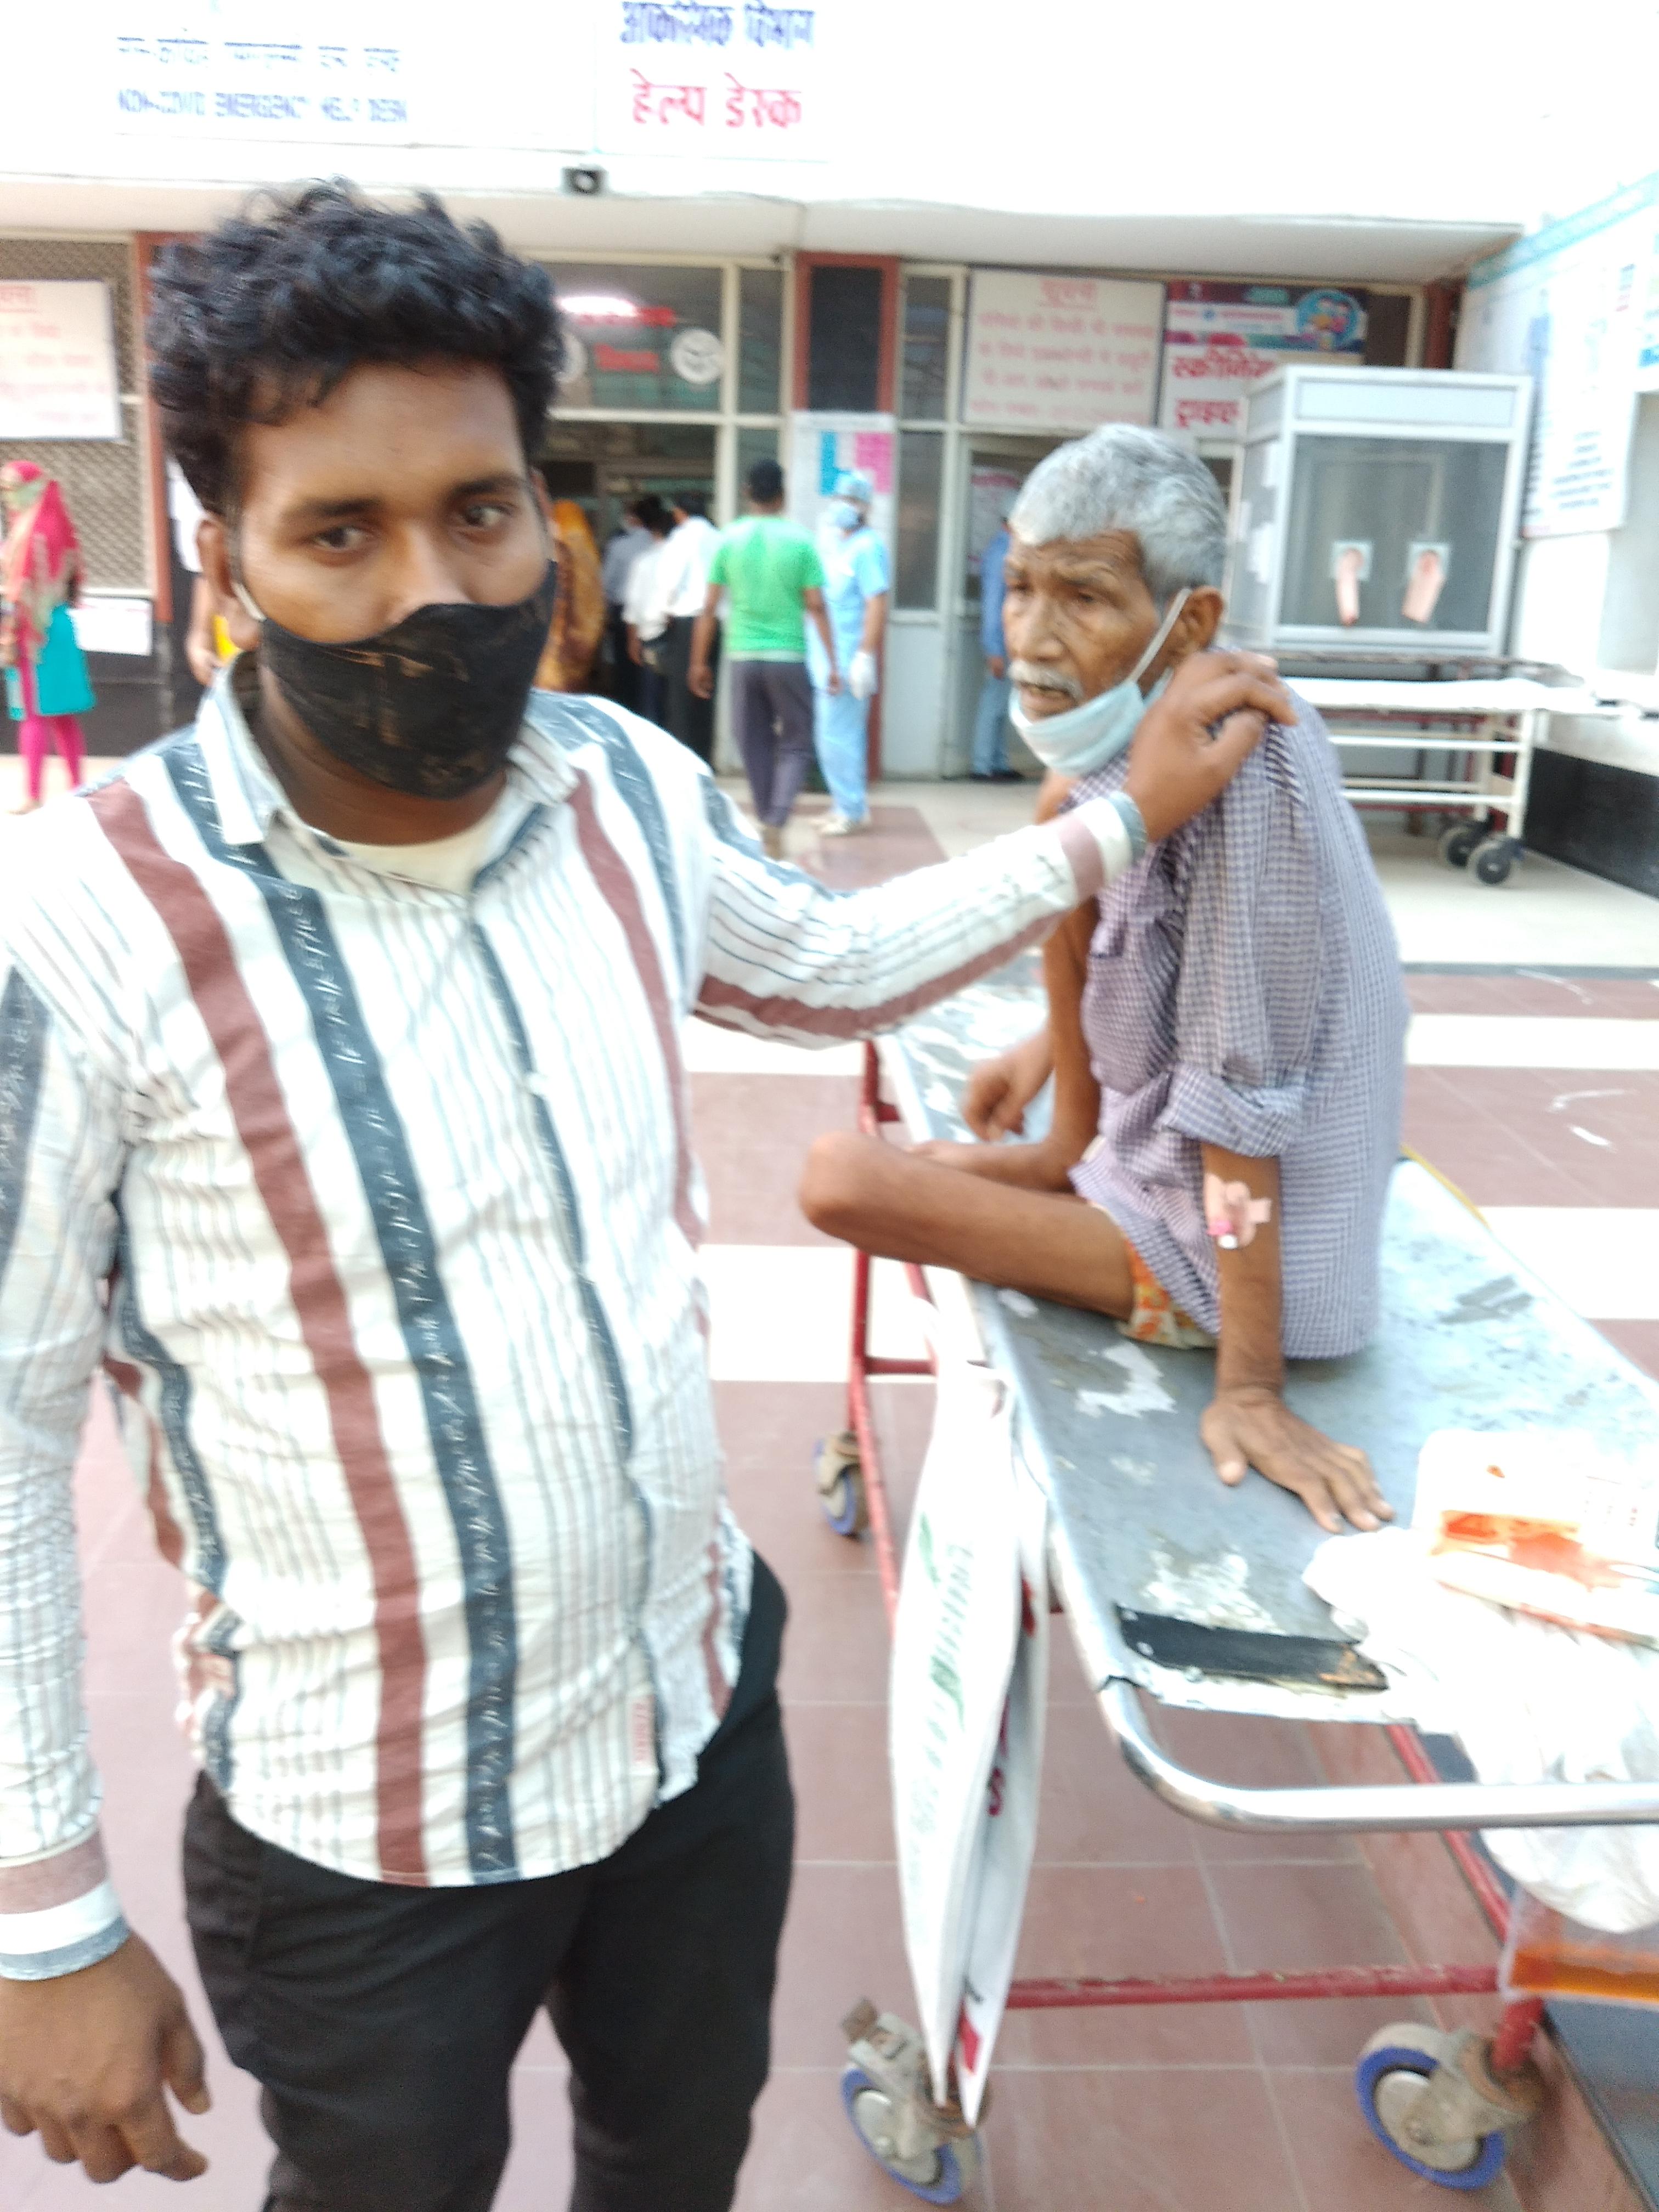 मरीज को तब तक रखे रहे जब तक नहीं हो गया सीरियस, दो दिन में ले लिए पचास हजार रुपए, लापरवाही देख ले जाना पड़ा हैलट अस्पताल|कानपुर,Kanpur - Dainik Bhaskar